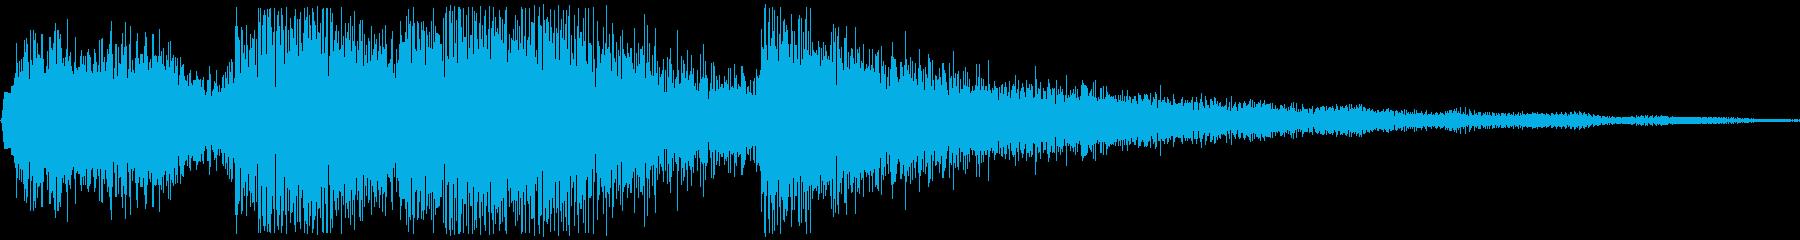 キラリン(アイテム獲得音)の再生済みの波形